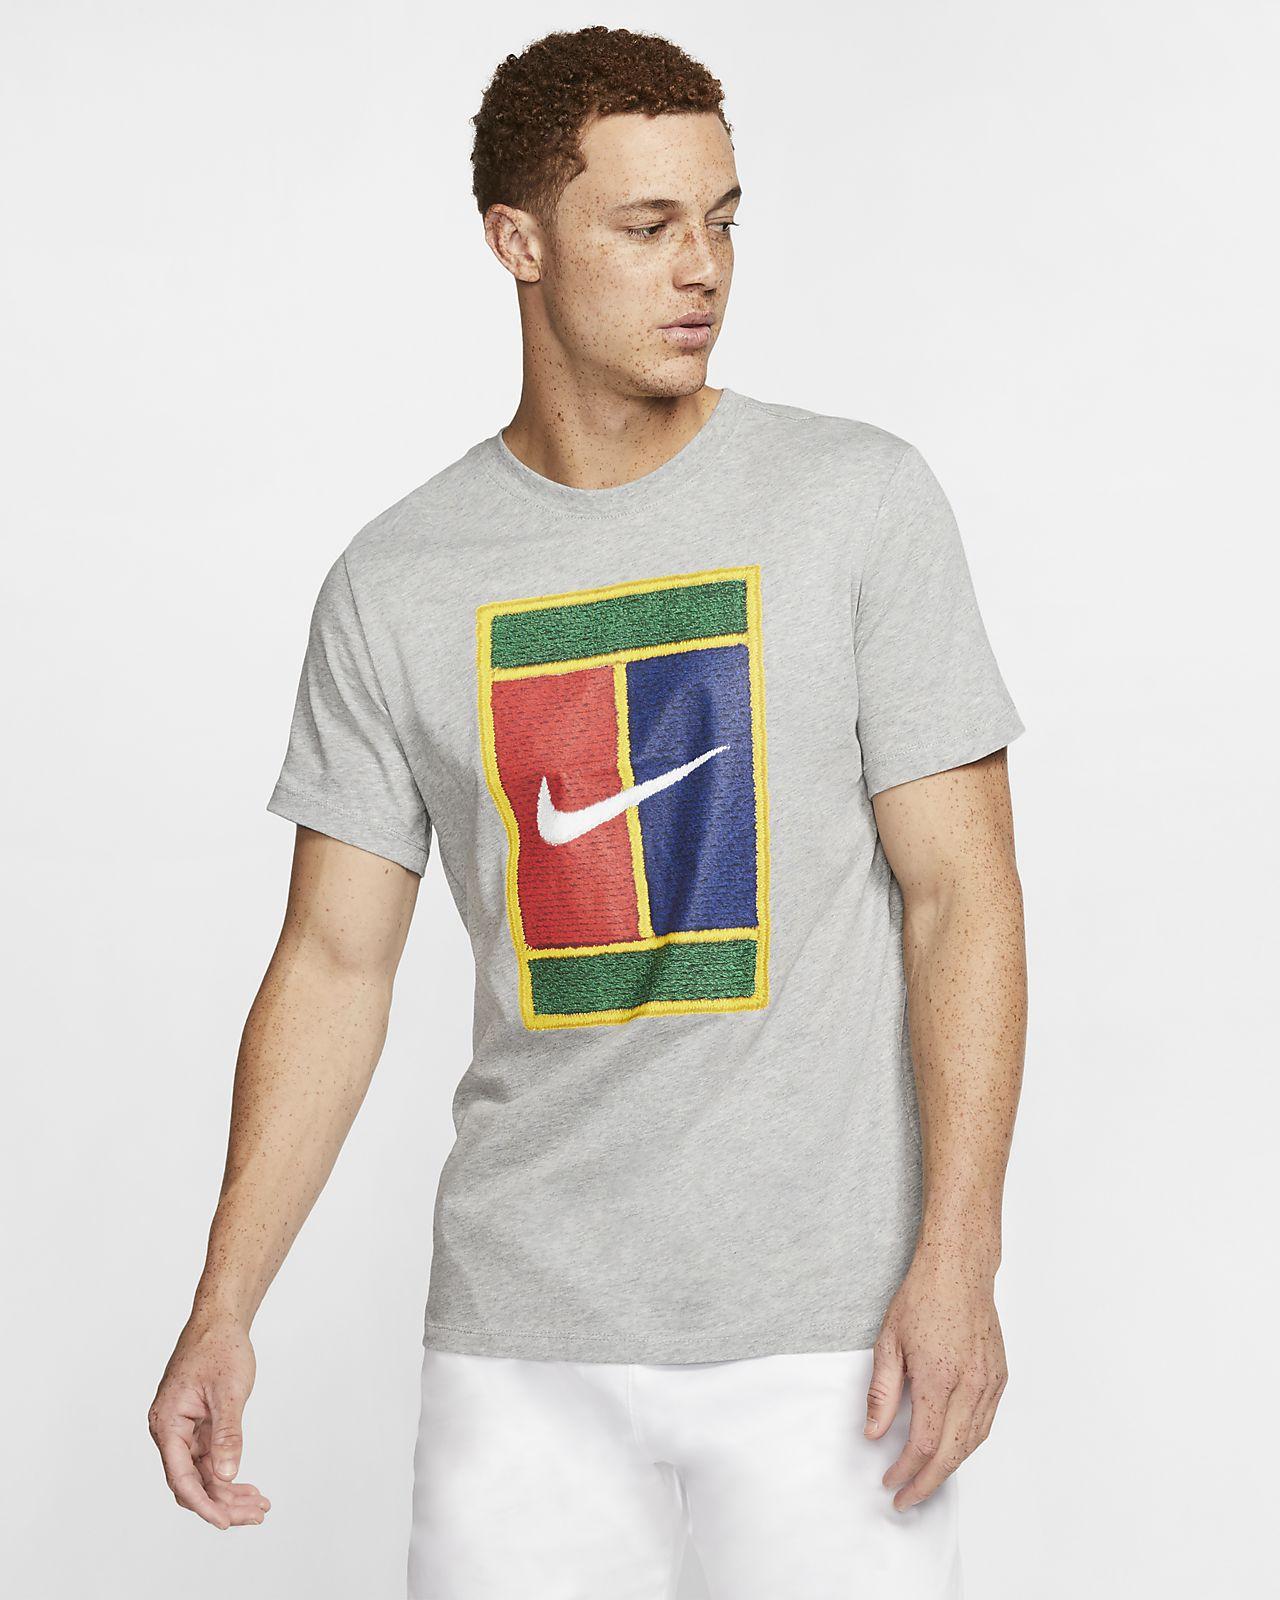 NikeCourt Men's Tennis T Shirt